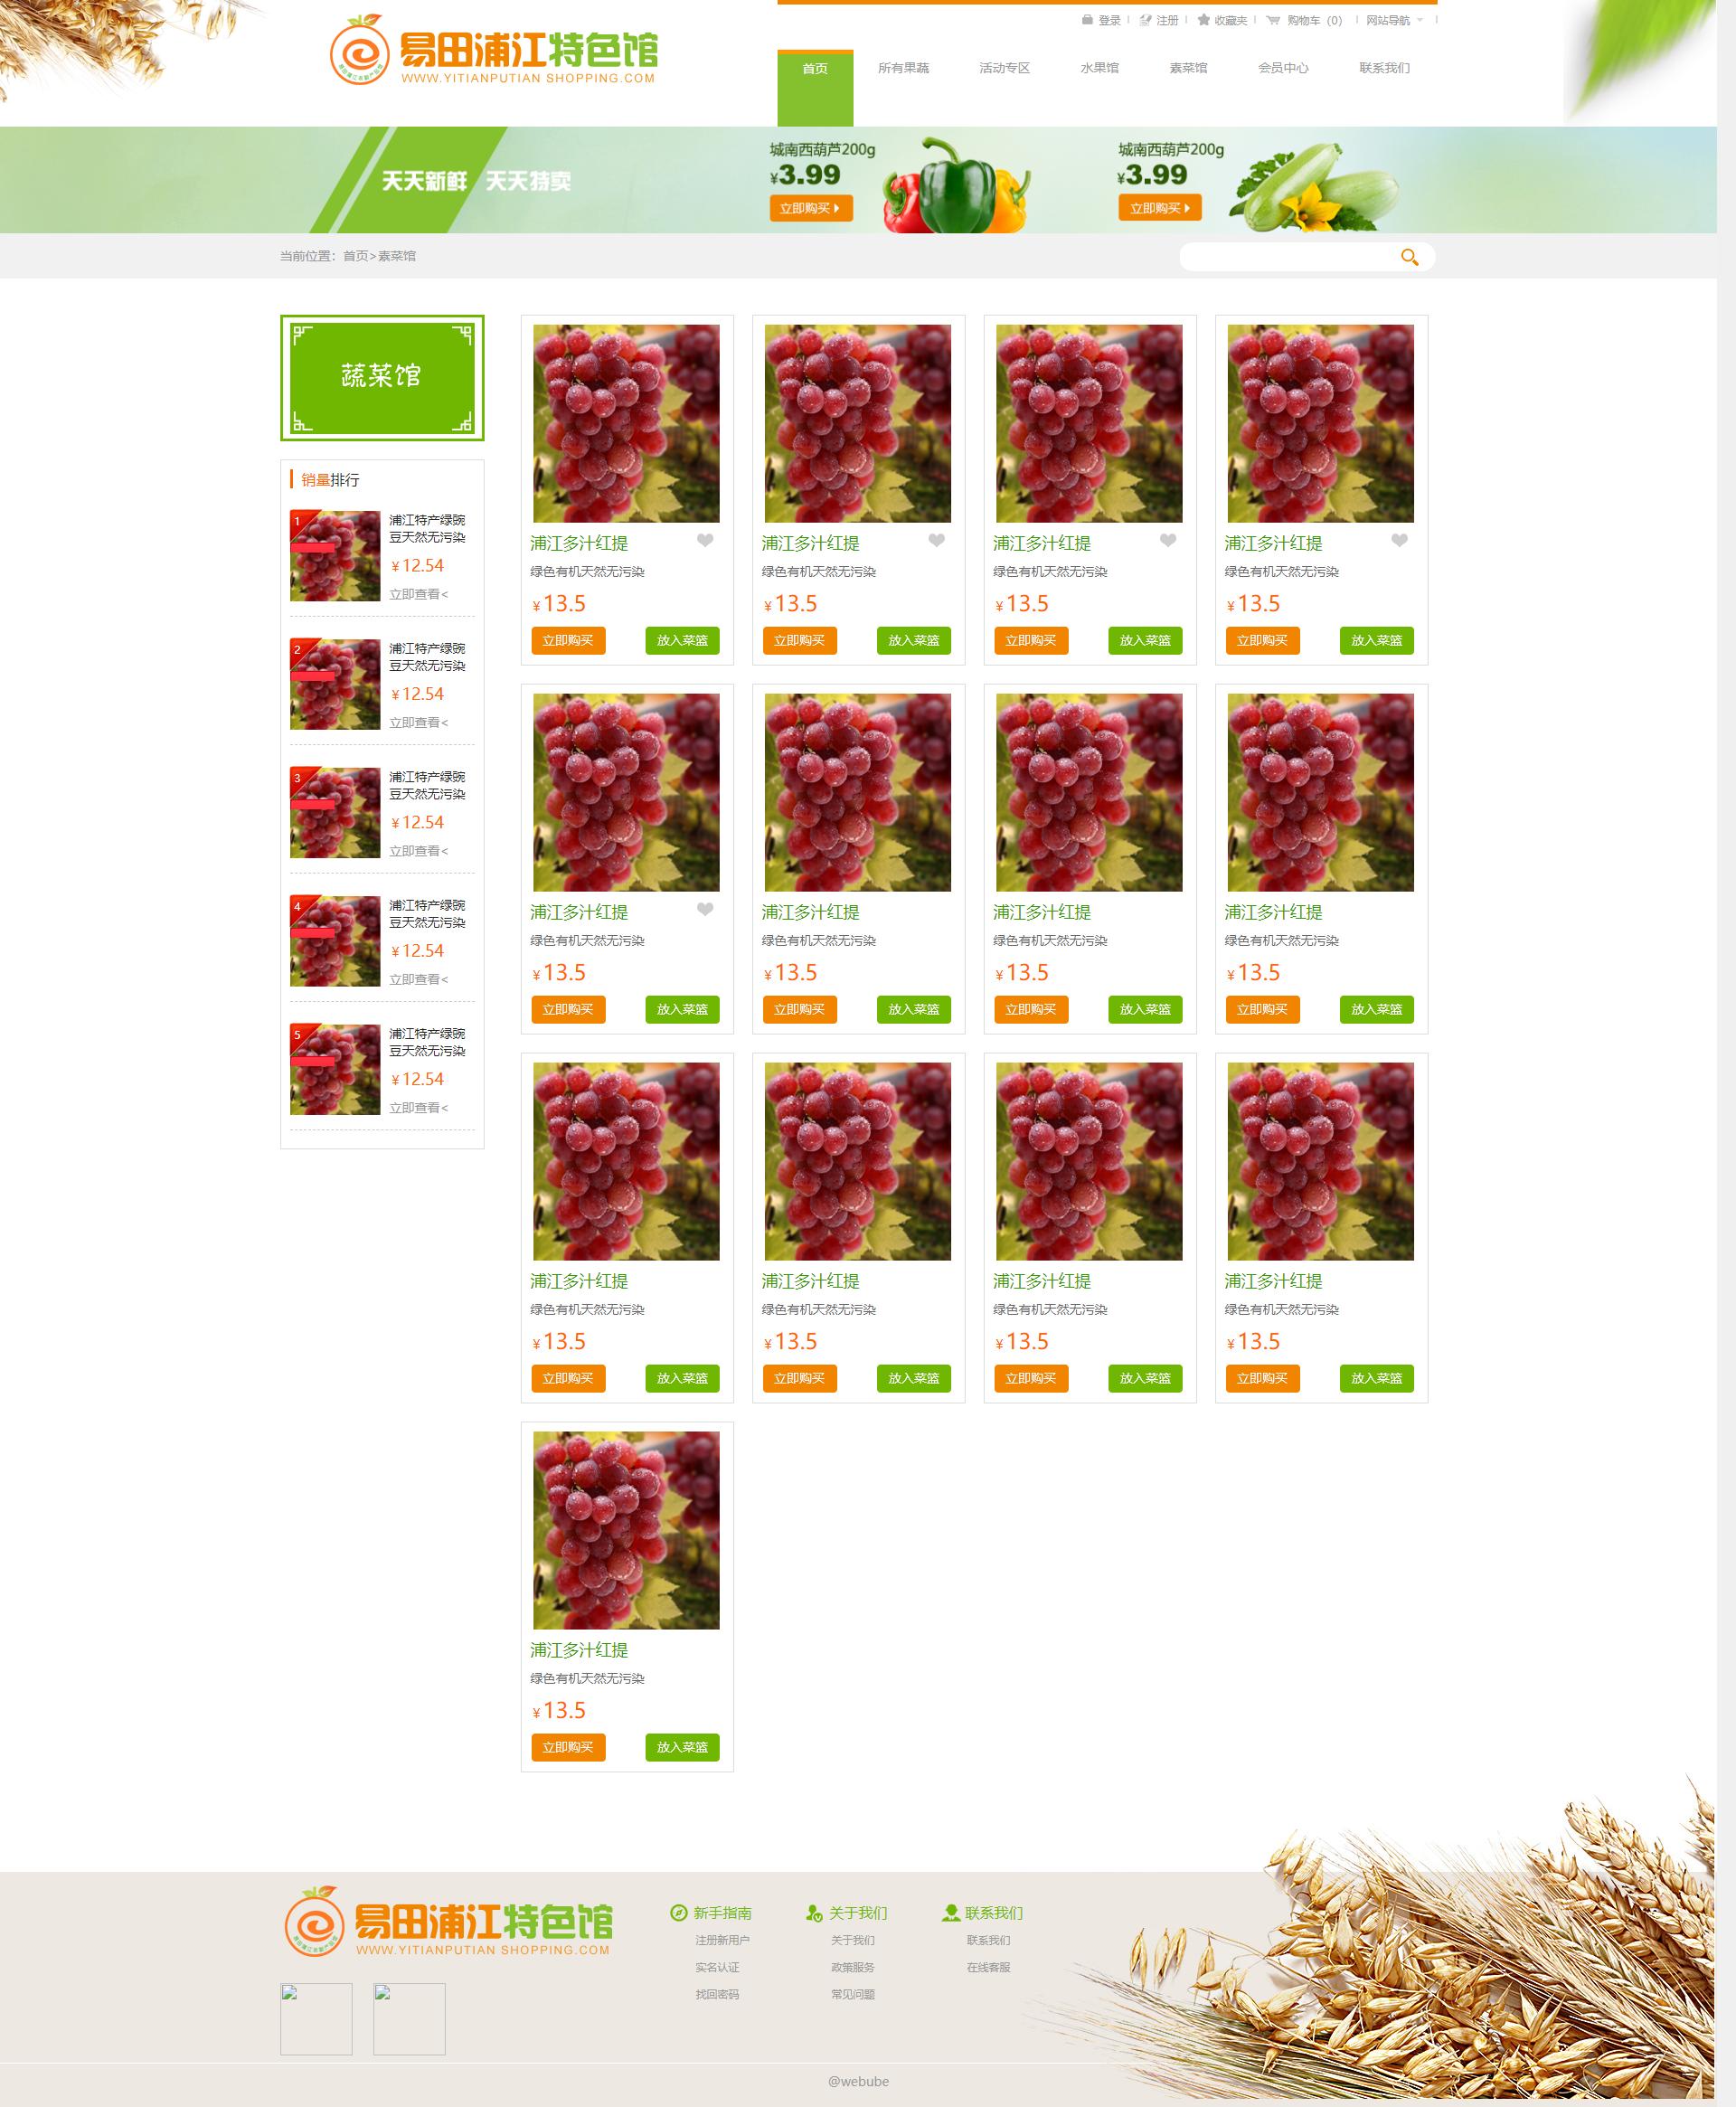 绿色宽屏的网上蔬菜水果商城.png-list.png